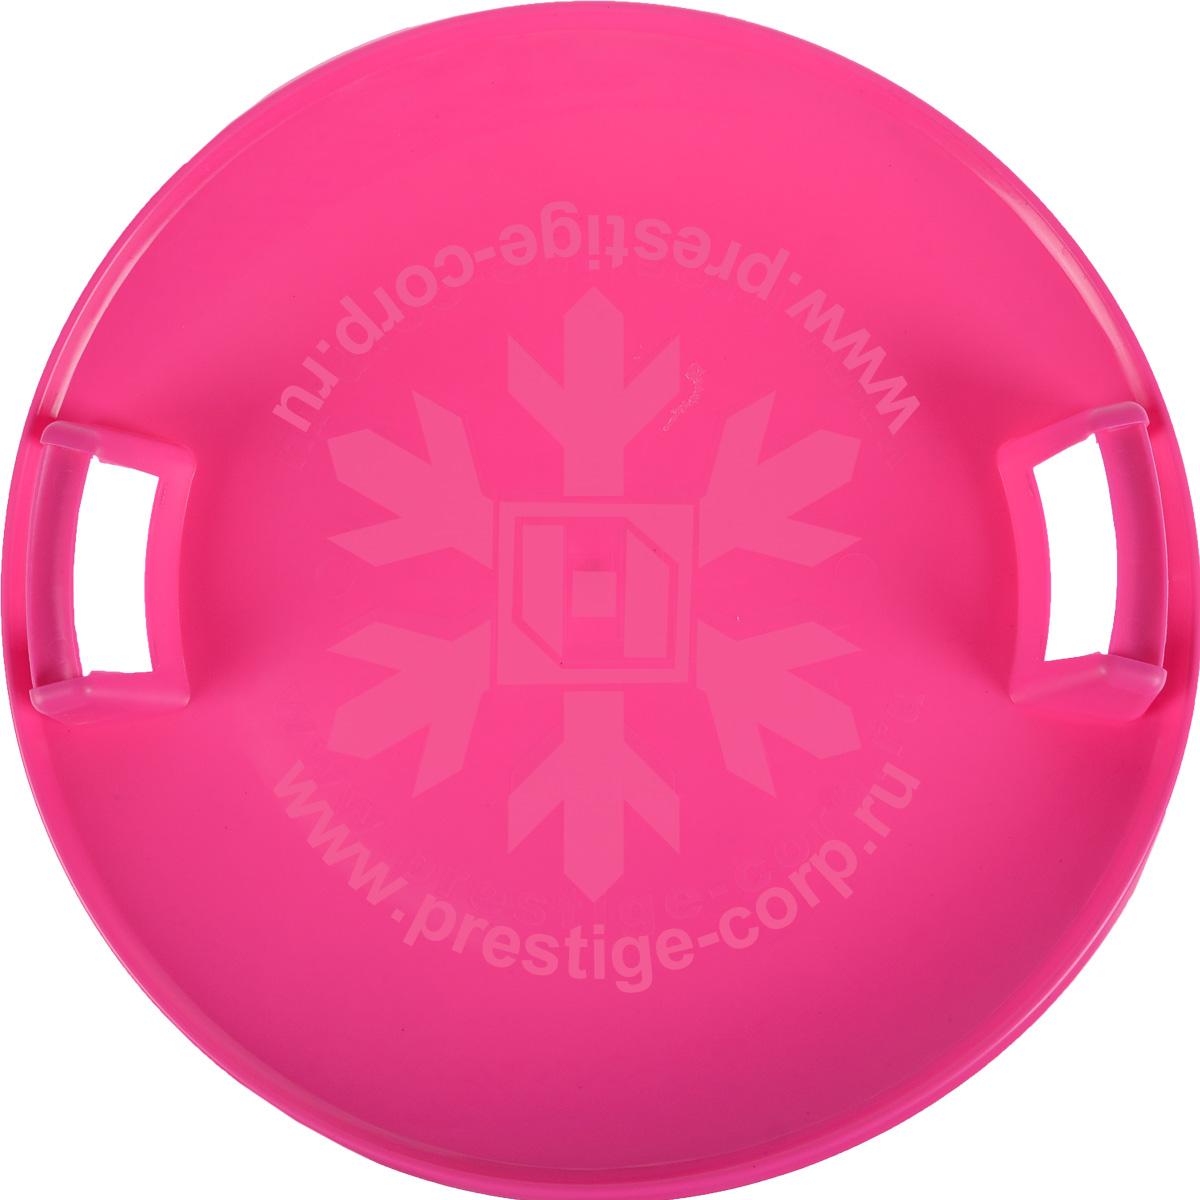 Санки-ледянки Престиж Экстрим, с пластиковыми ручками, увет: розовый, диаметр 58 см296Любимая детская зимняя забава - это катание с горки. Яркие санки-ледянки Престиж Экстрим станут незаменимым атрибутом этой веселой детской игры. Санки-ледянки Престиж Экстрим - это специальная пластиковая тарелка, облегчающая скольжение и увеличивающая скорость движения по горке. Круглая ледянка выполнена из прочного морозоустойчивого пластика и снабжена двумя удобными ручками, чтобы катание вашего ребенка было безопасным. Отличная скорость, прочный материал и спуск, который можно закончить сидя спиной к низу горки - вот что может предоставить это изделие! Благодаря малому весу, ледянку, в отличие от обычных санок, легко нести с собой даже ребенку.